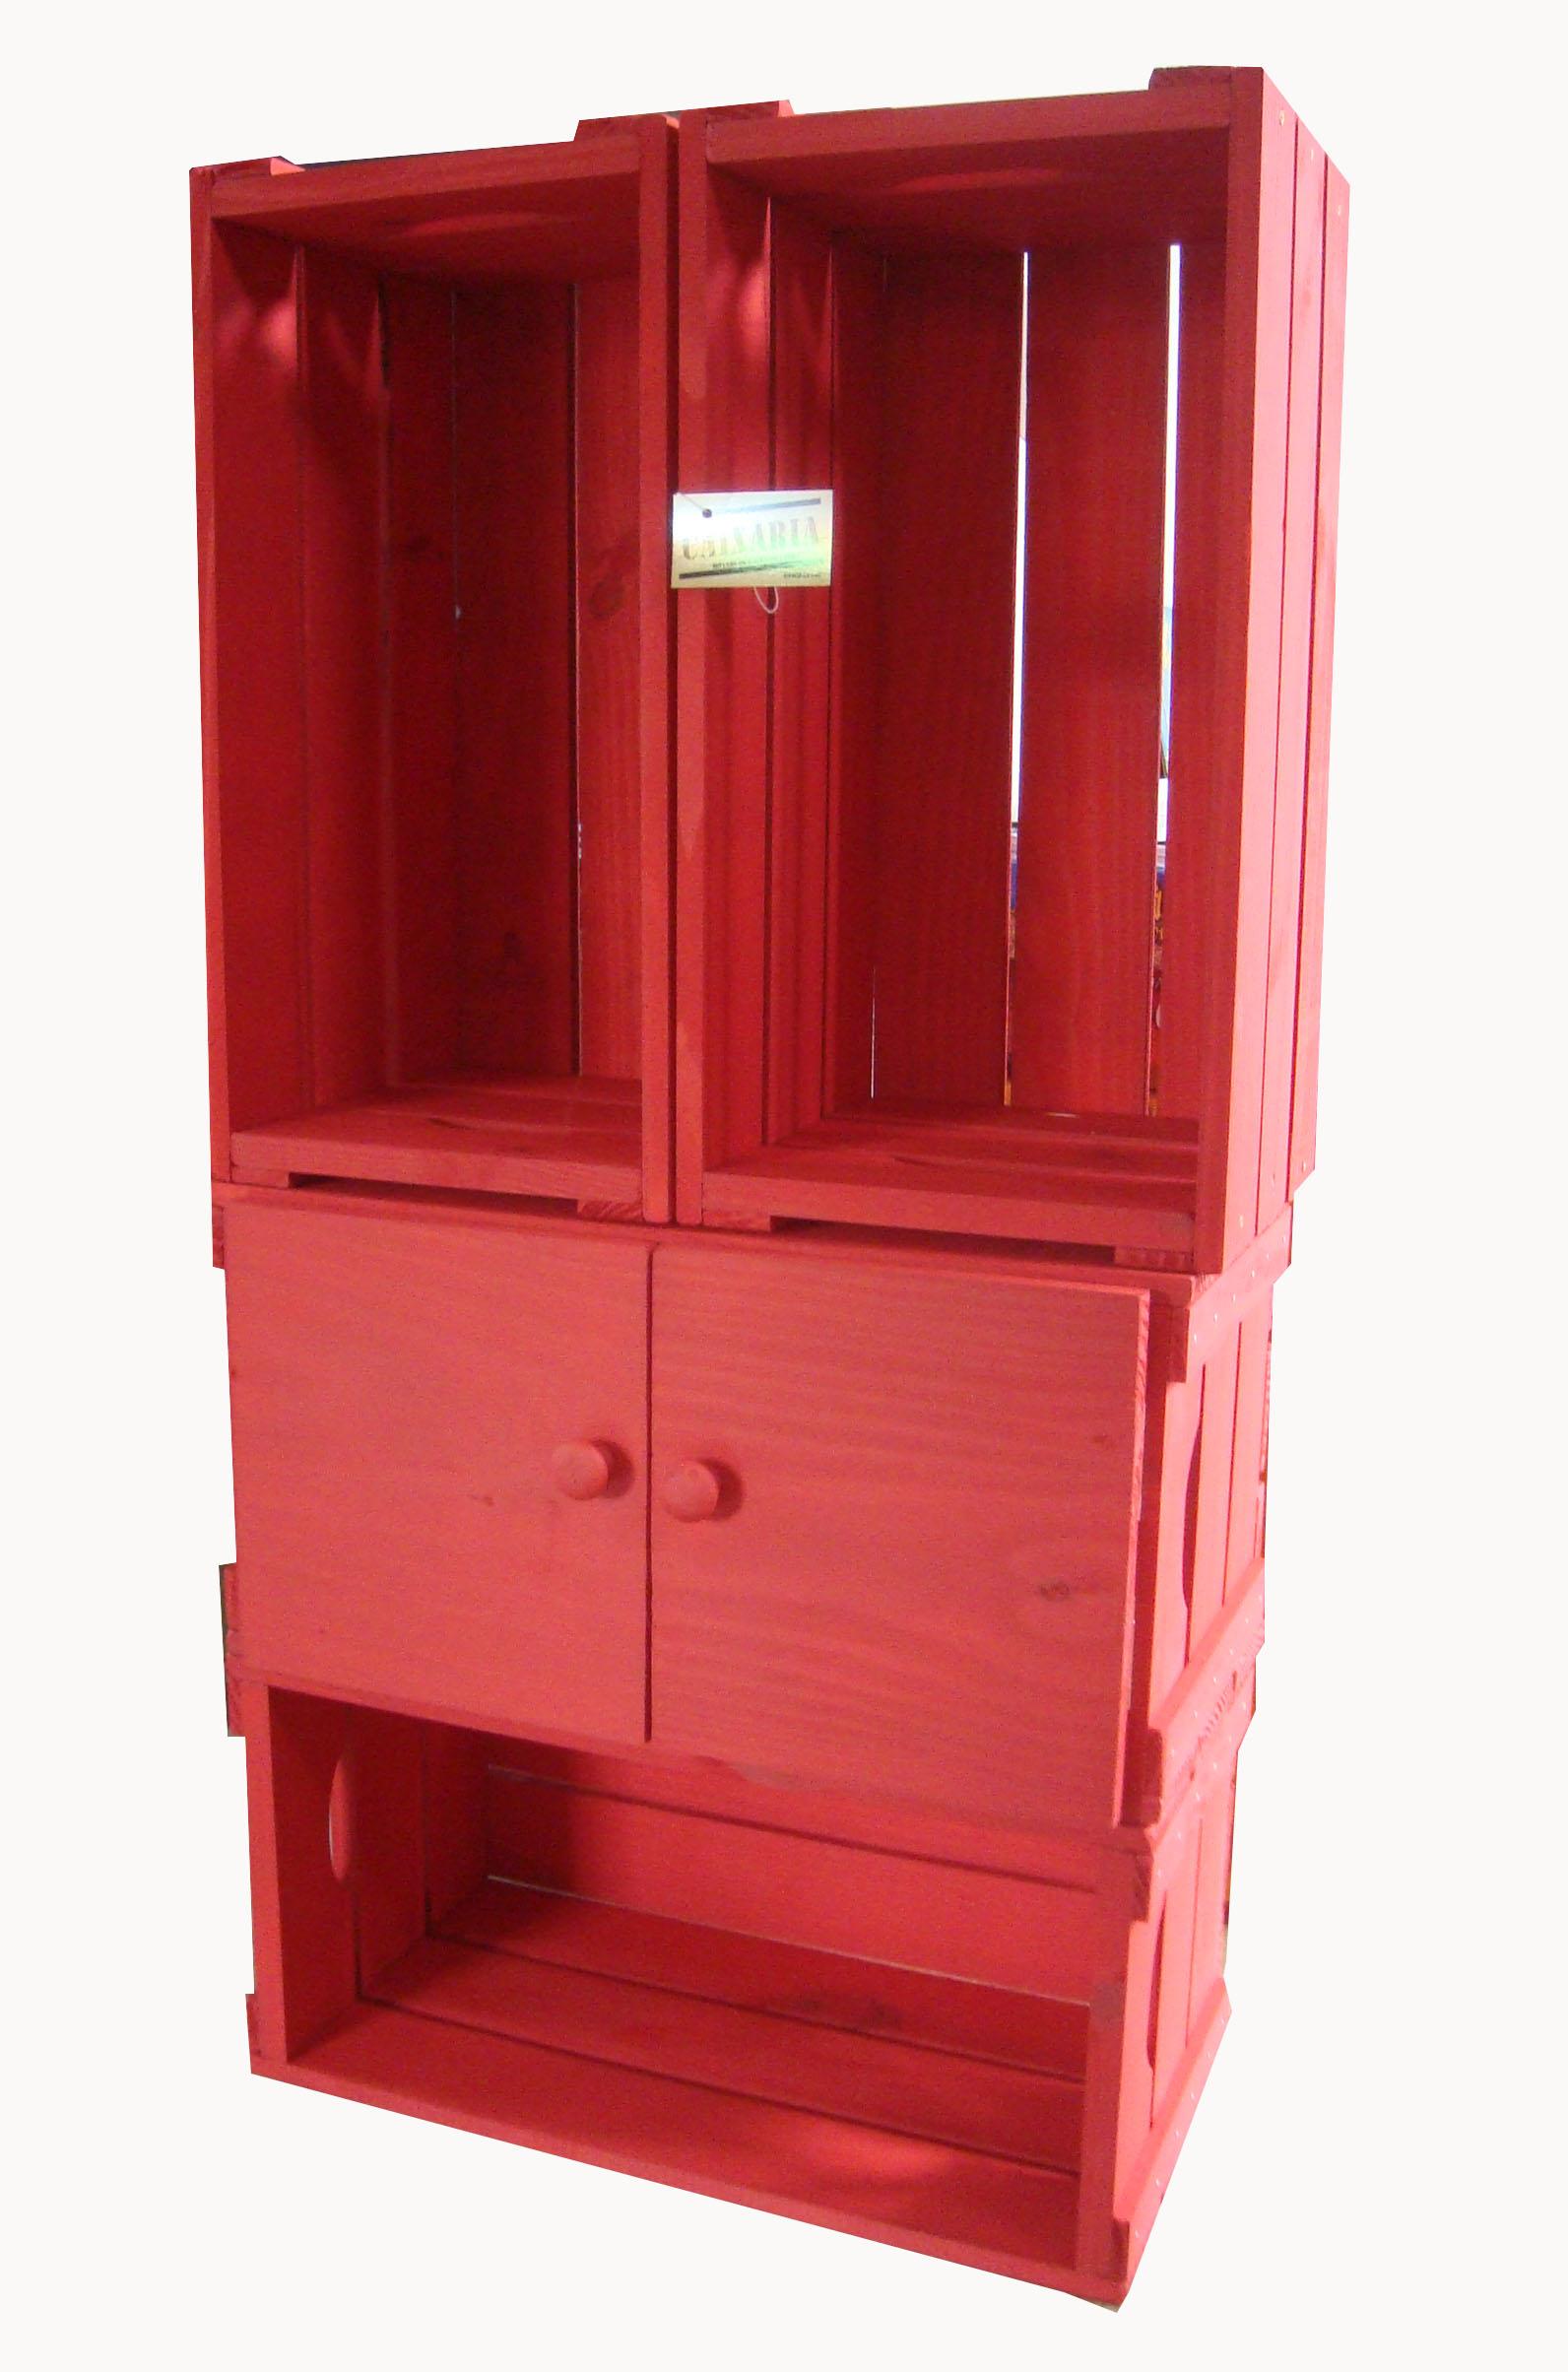 Estante de 4 caixotes com uma porta caixaria m veis elo7 for Porta or